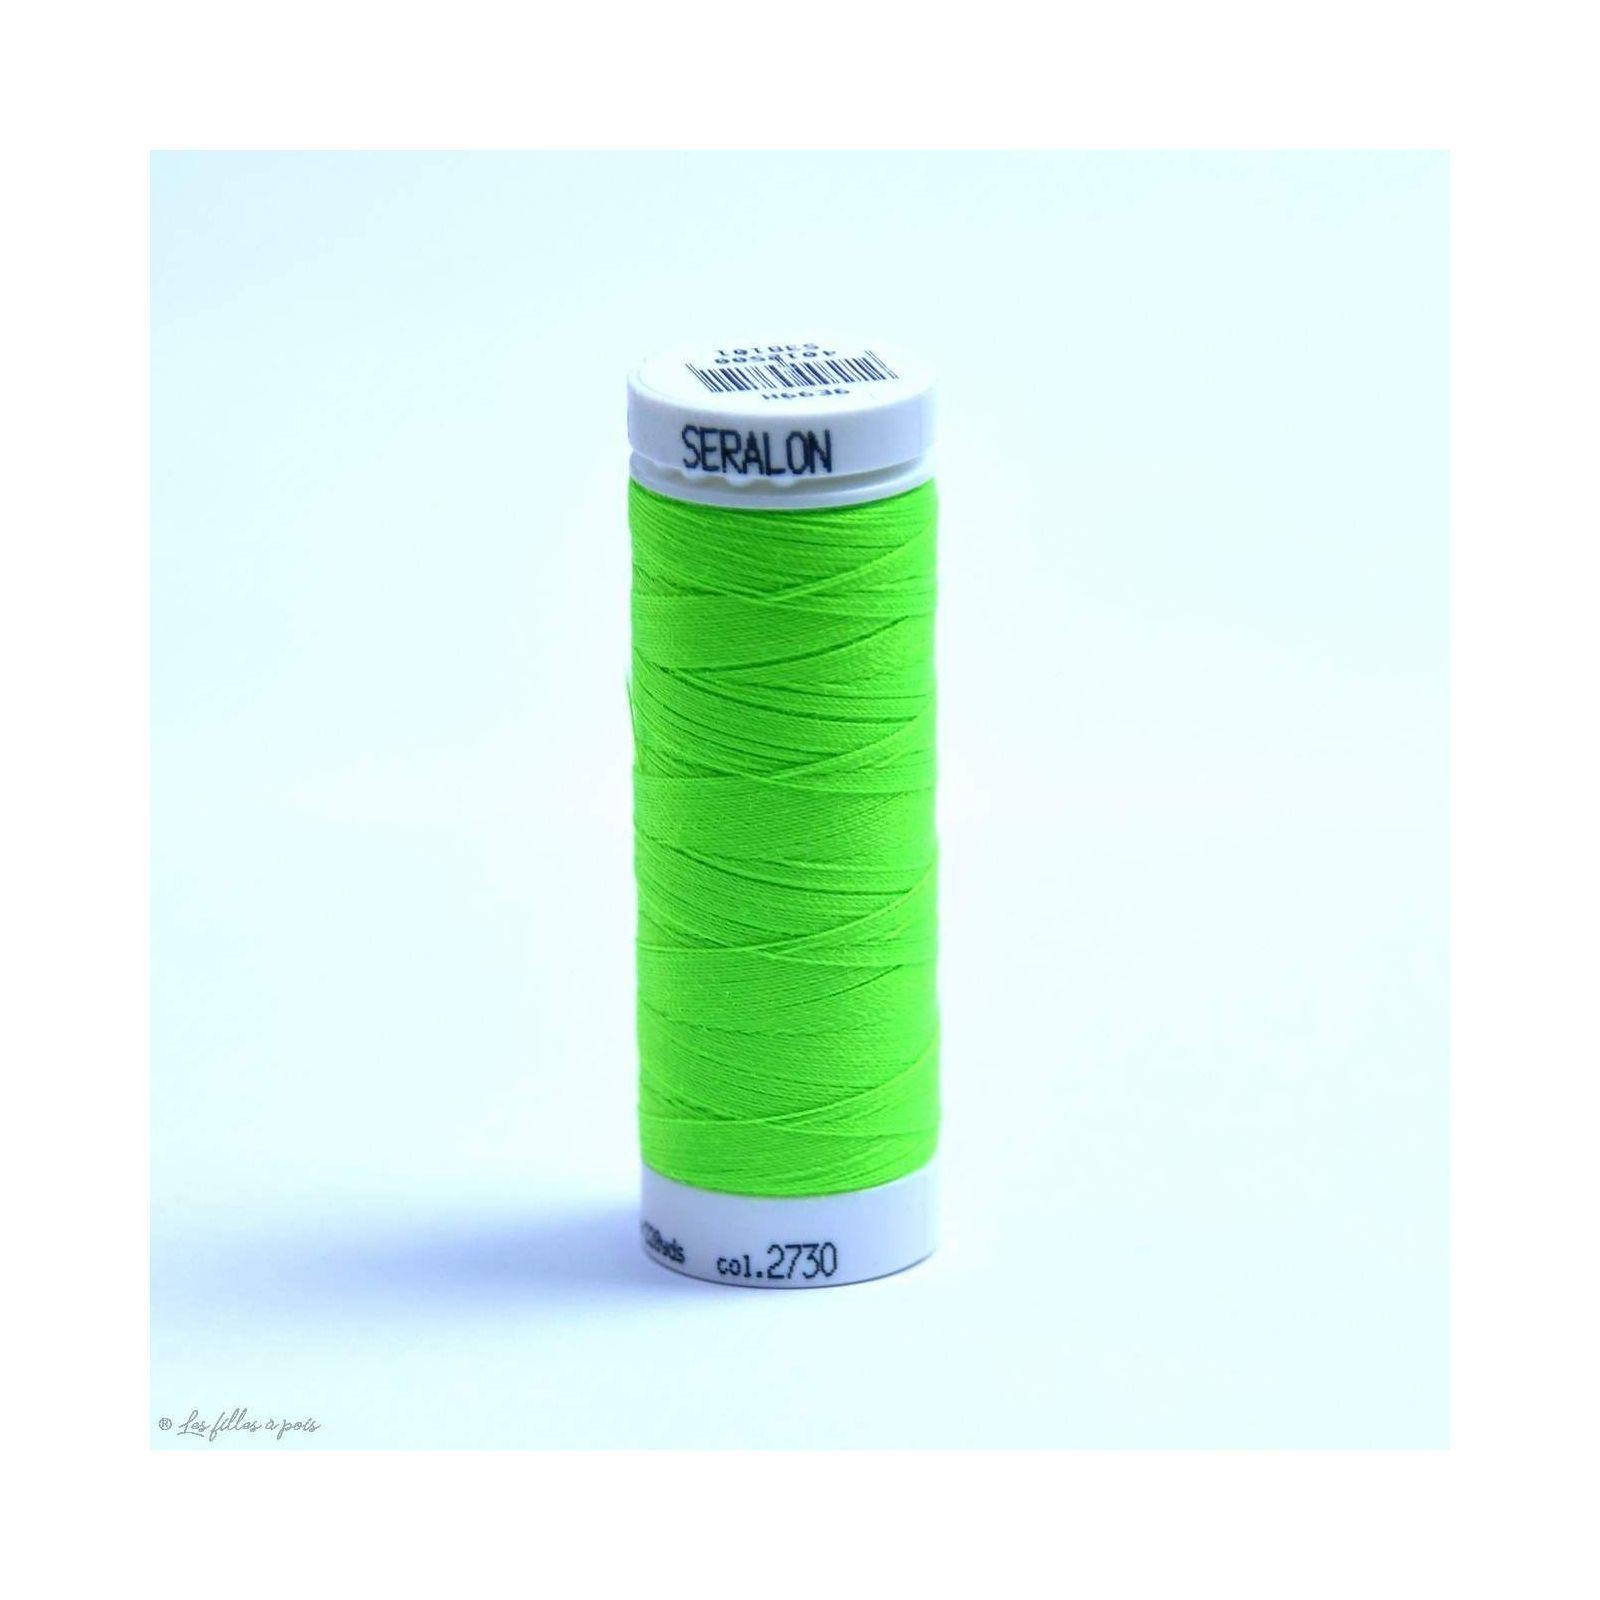 Fil à coudre Mettler ® Seralon 200m - coloris vert fluo - 2730 METTLER ® - Fils à coudre et à broder - 1